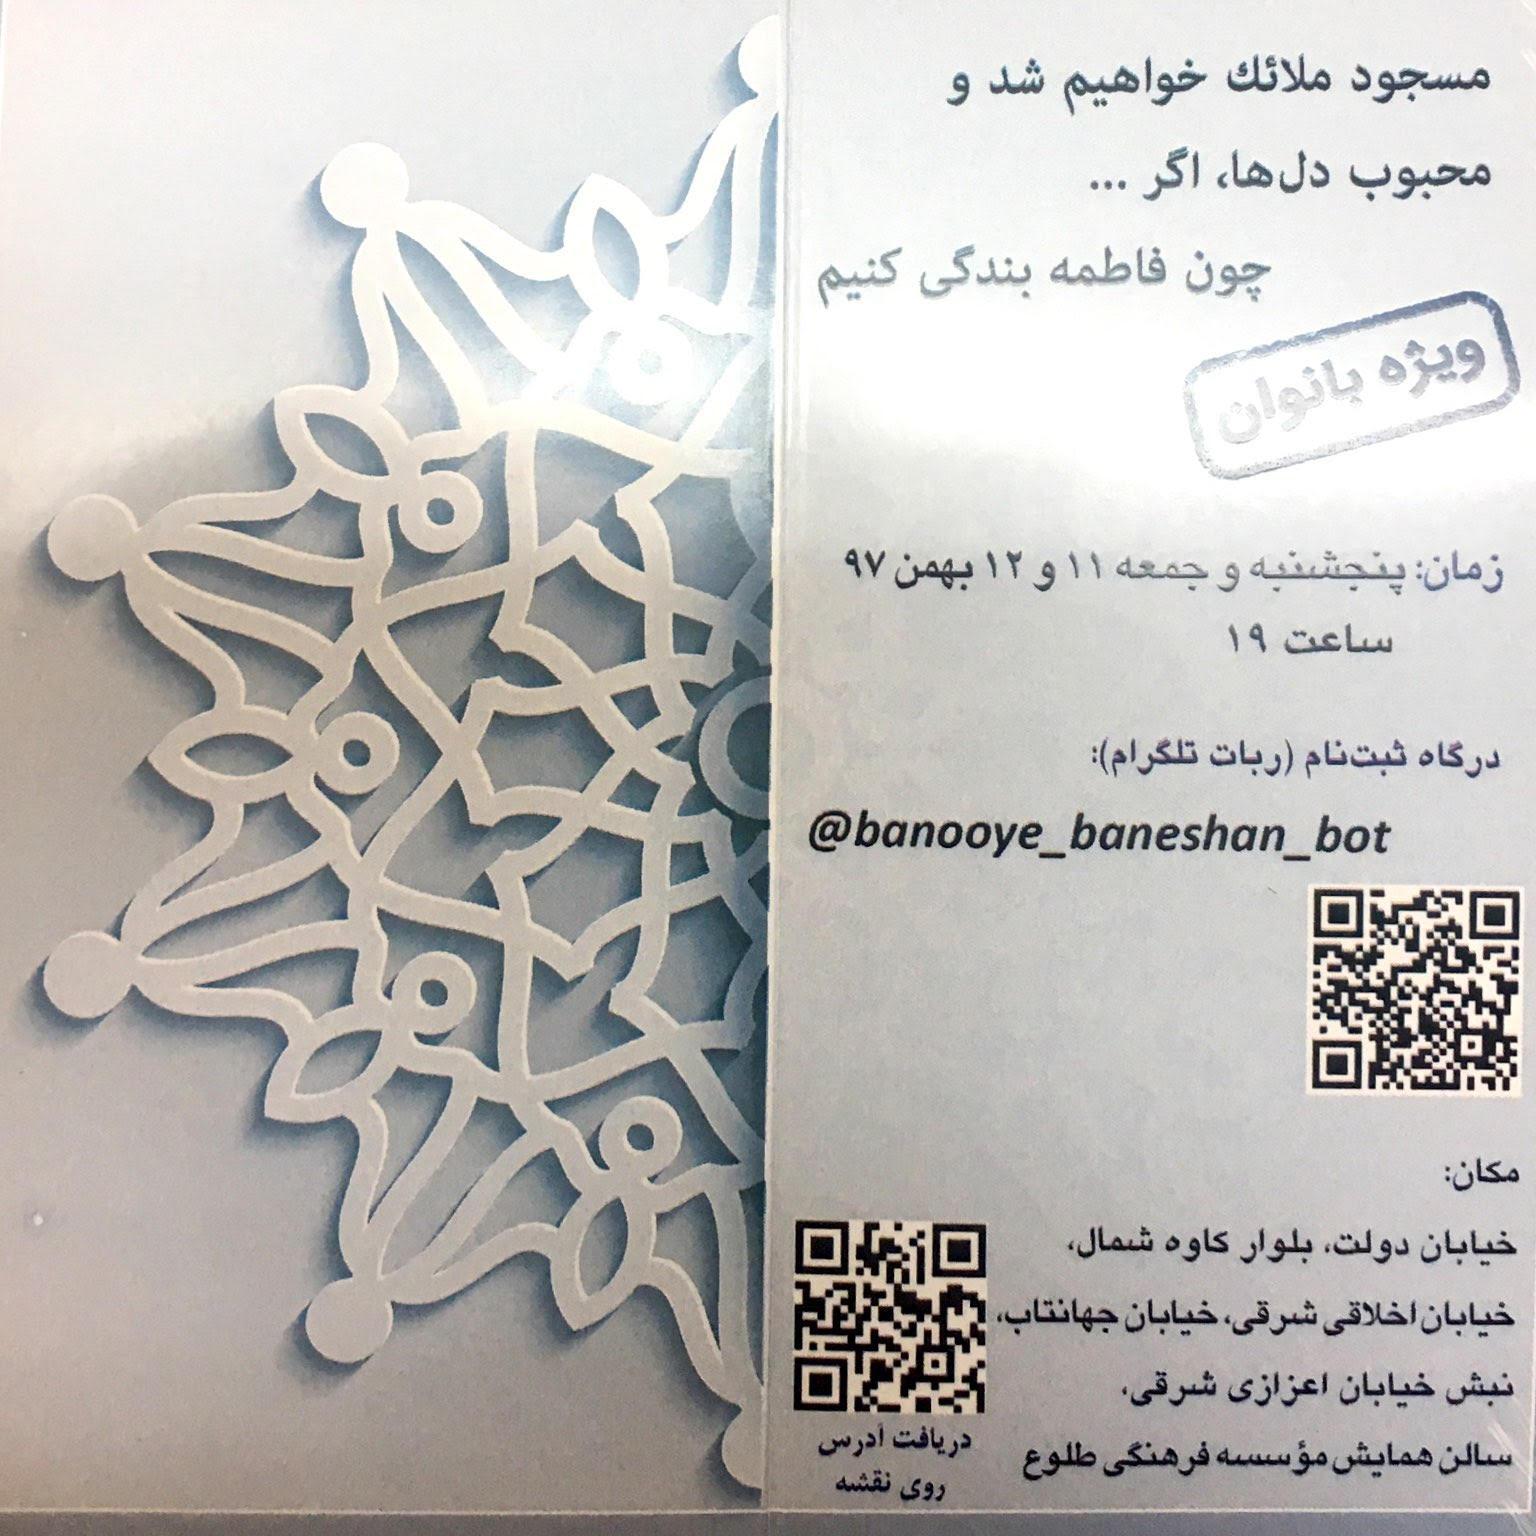 برگزاری تئاتر بانوی با نشان توسط گروه فرهنگی حبل المتین در آمفی تئاتر موسسه فرهنگی طلوع